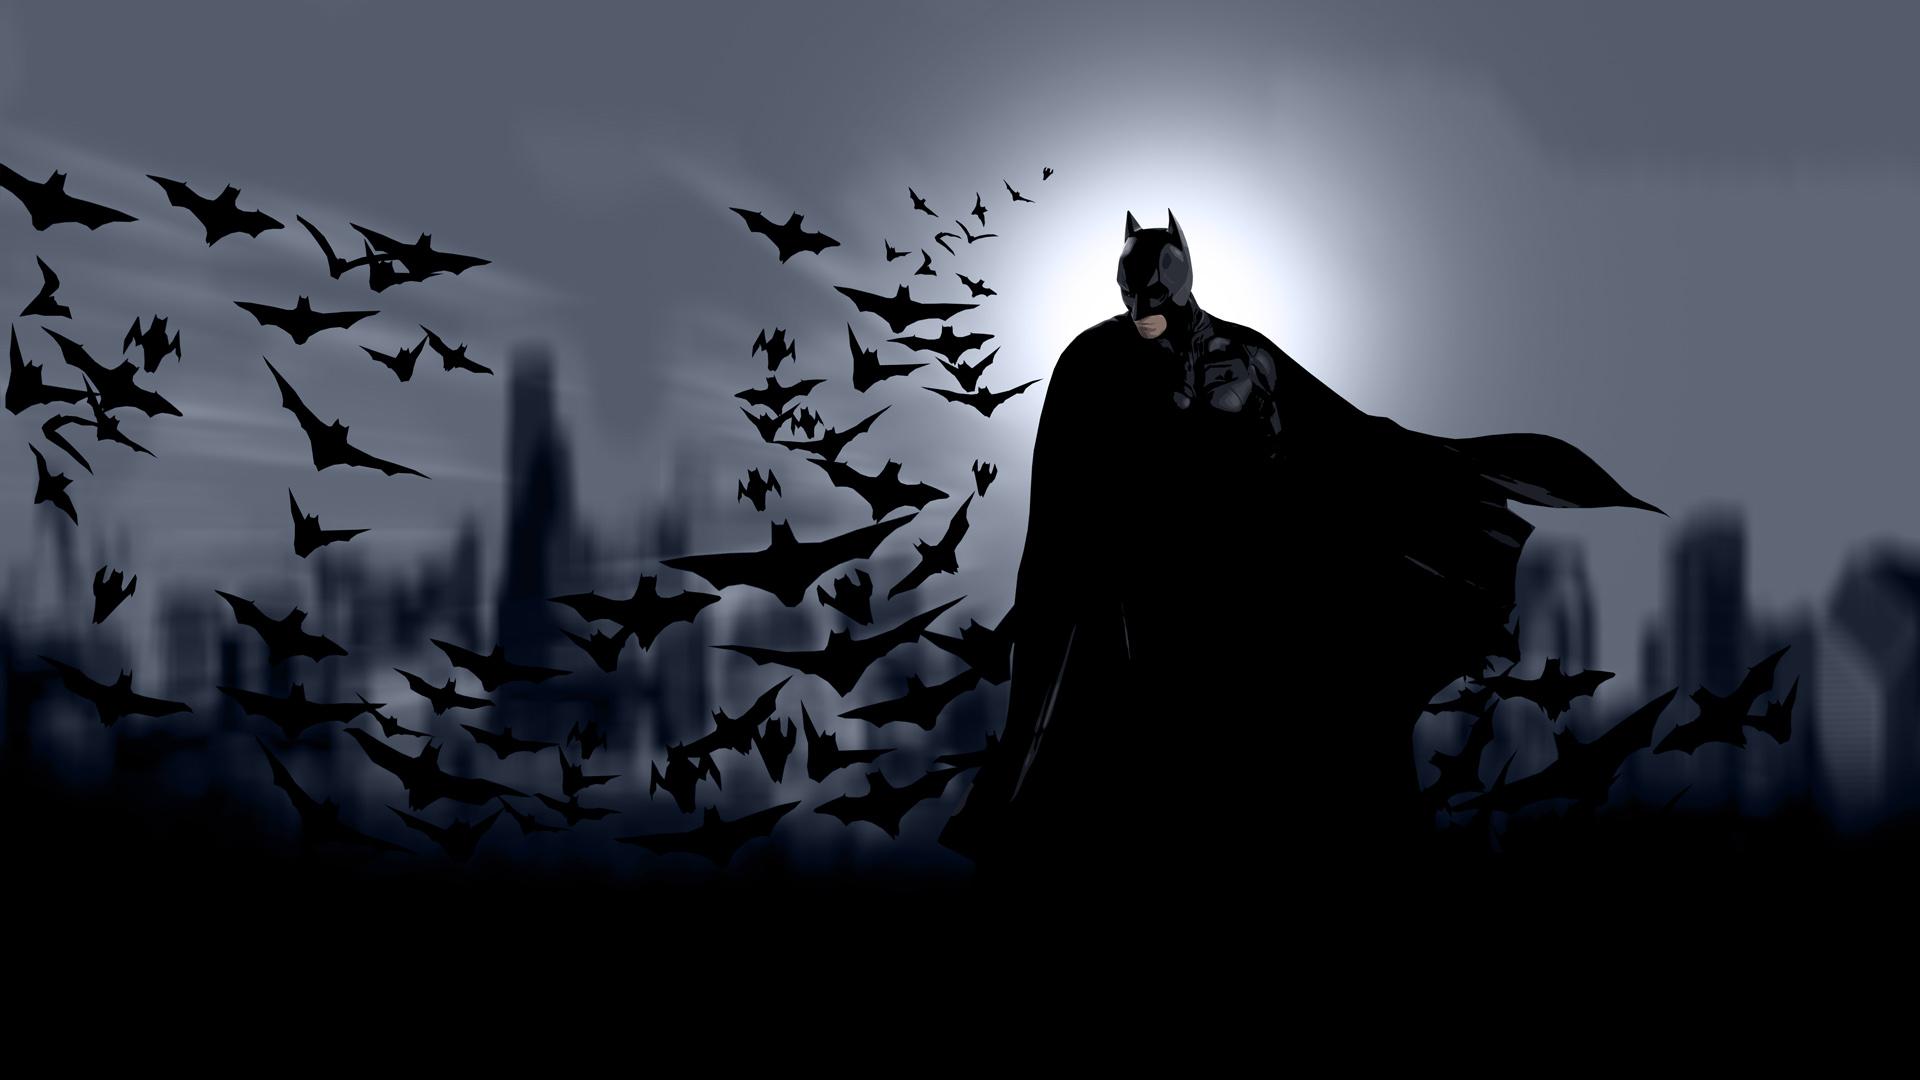 Wallpaper Caballero Oscuro Batman - Rincon Util